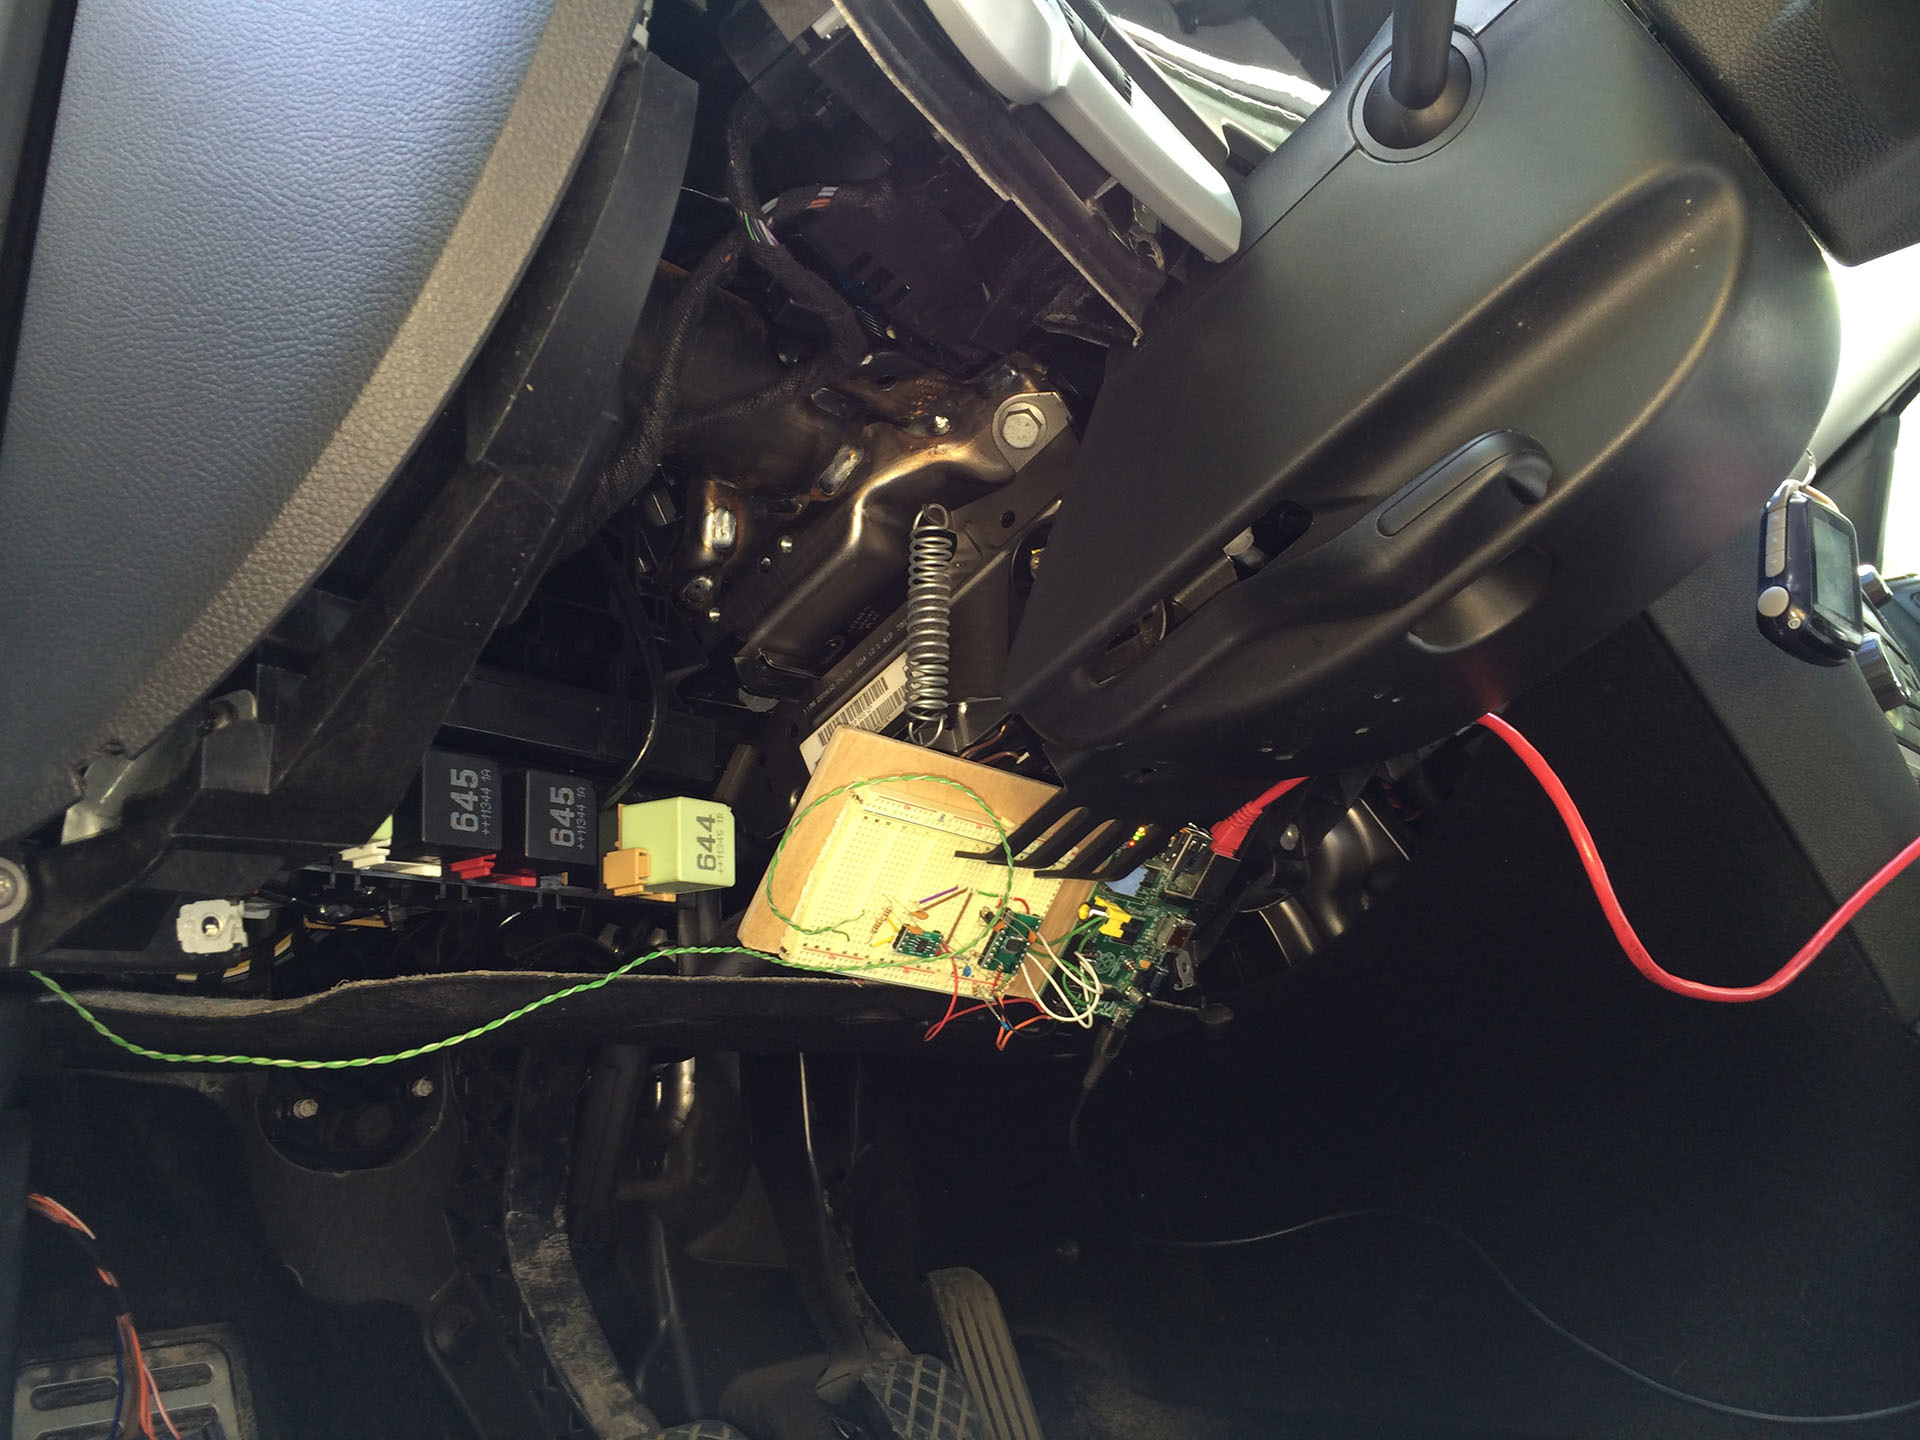 Хакаем CAN шину авто для голосового управления - 1